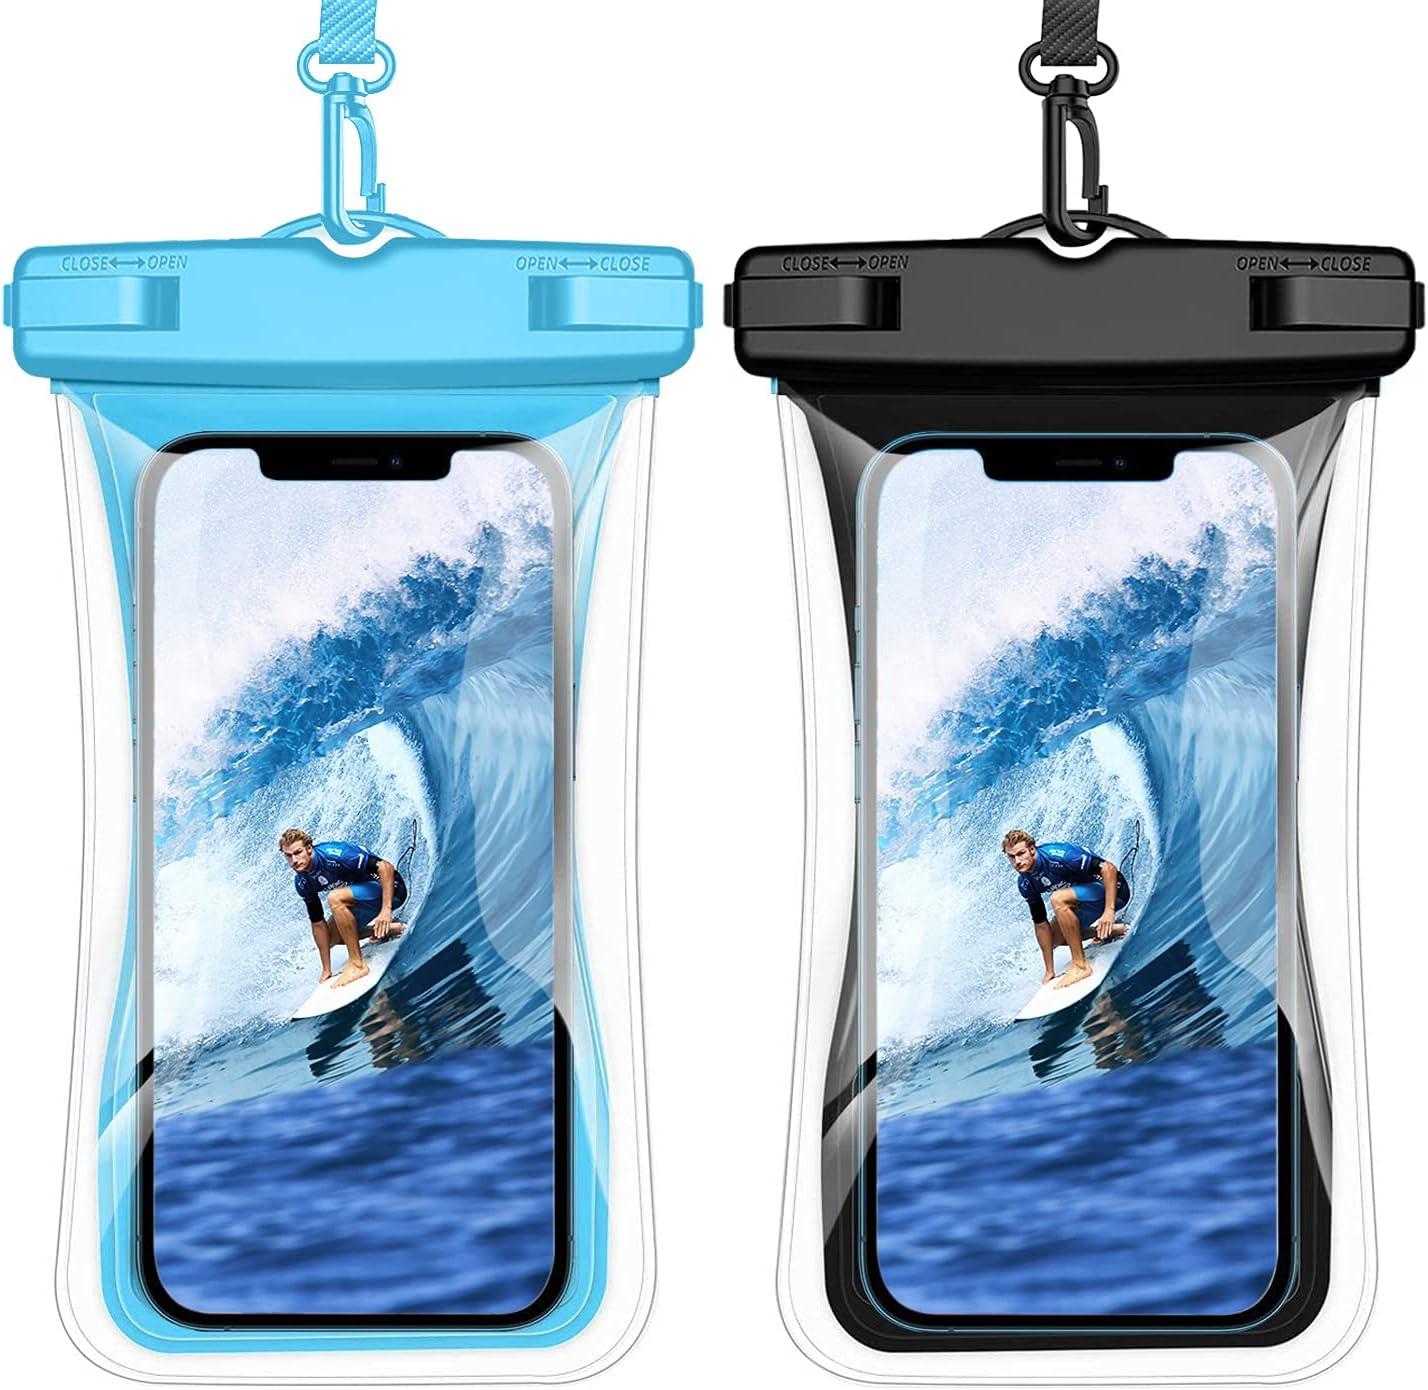 Weuiean Waterproof Phone Case Floating Waterproof Phone Bag, Lanyard Phone Dry Bag for iPhone 12/11/SE/XS/XR 8/7Plus, Samsung S21/20/10/10+/Note, LG, Pixel up to 6.9 inch - 2Pack Black + Blue